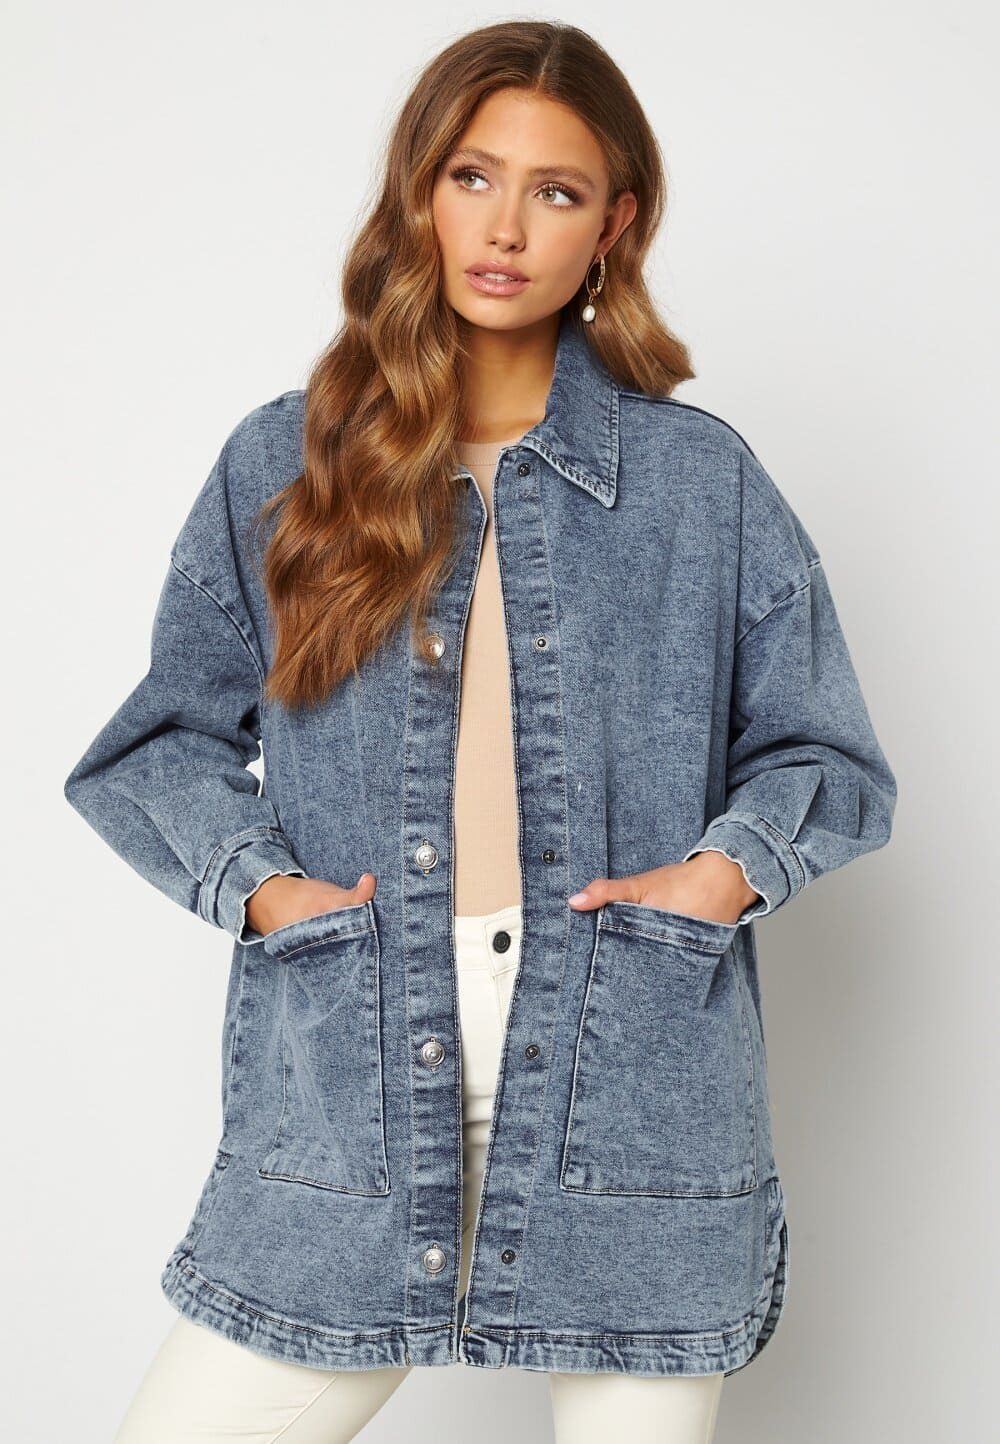 Trendig jeansjacka i oversized modell för dam 2021